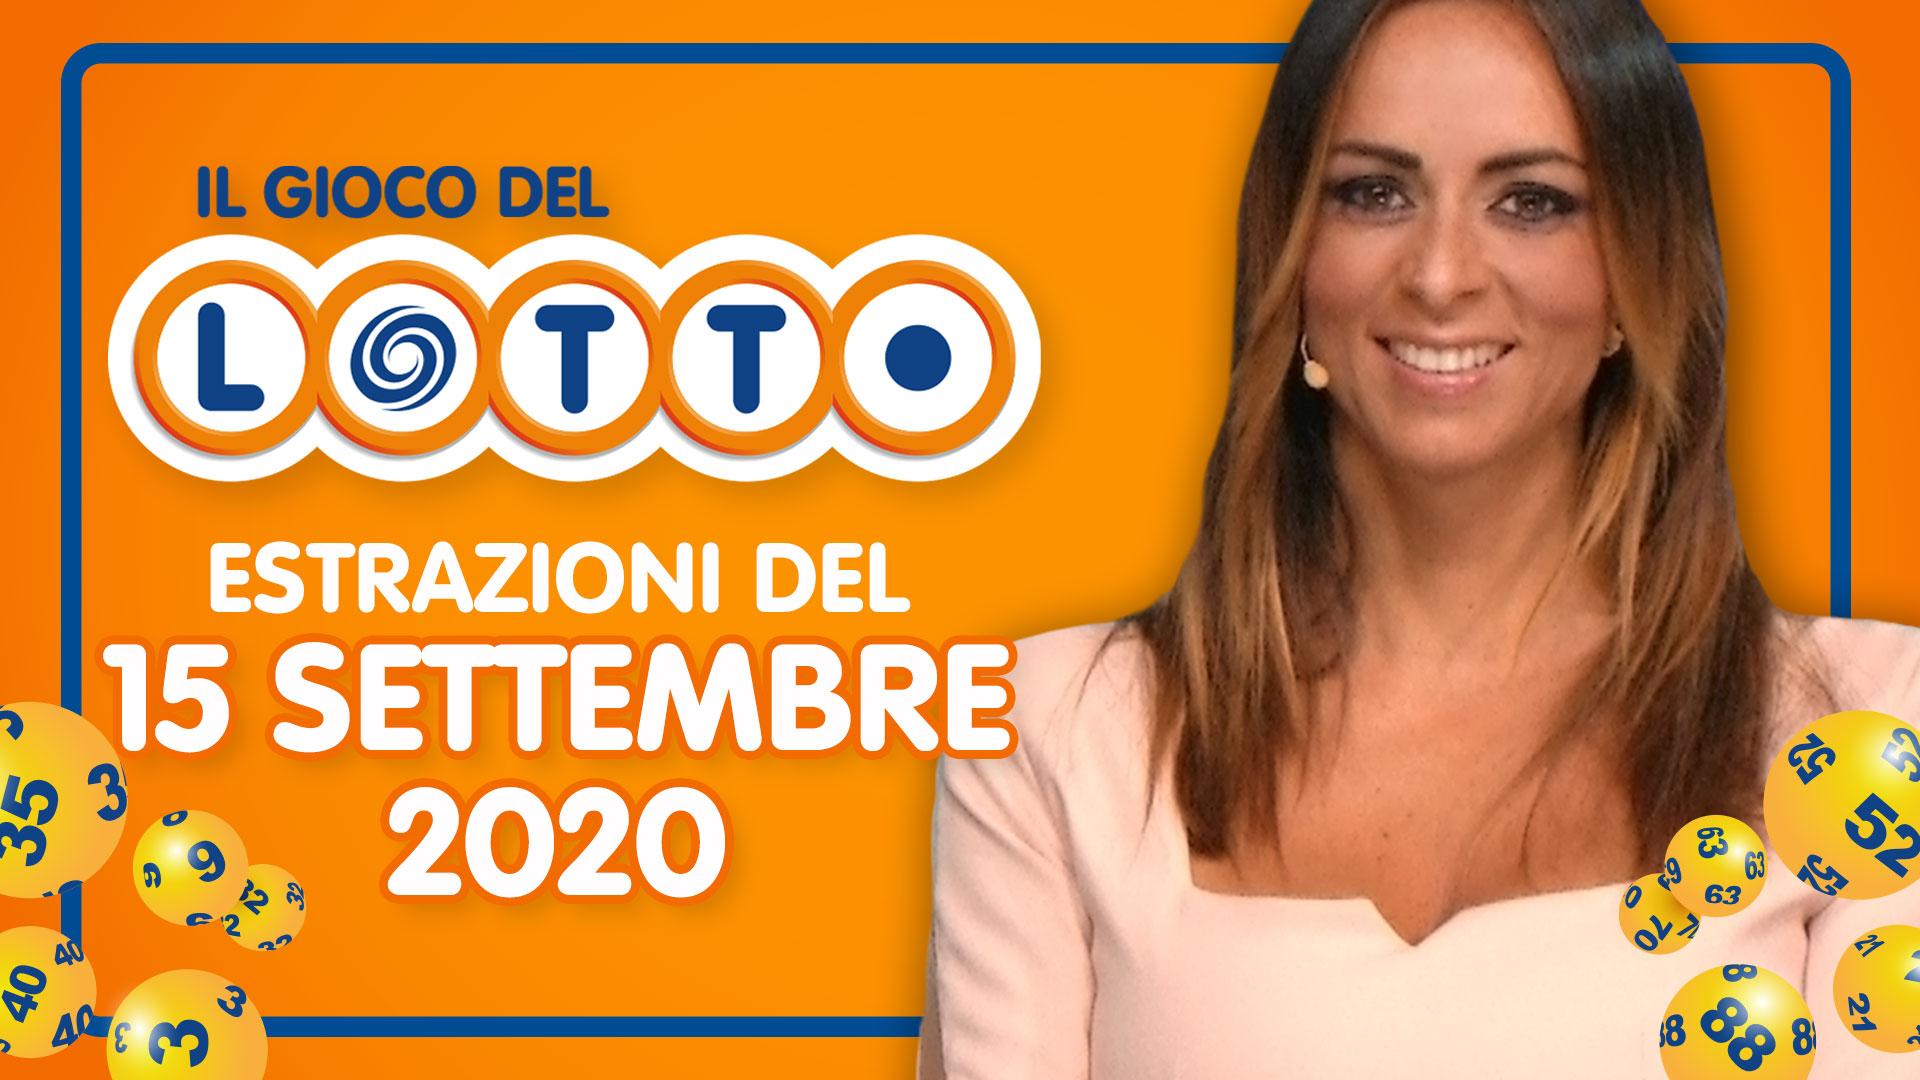 Estrazione Lotto 15 settembre 2020 Estrazioni del Lotto in diretta oggi martedì 10 e lotto ogni 5 minuti EXTRA SuperEnalotto Simbolotto MillionDay Conduce Serena Garitta